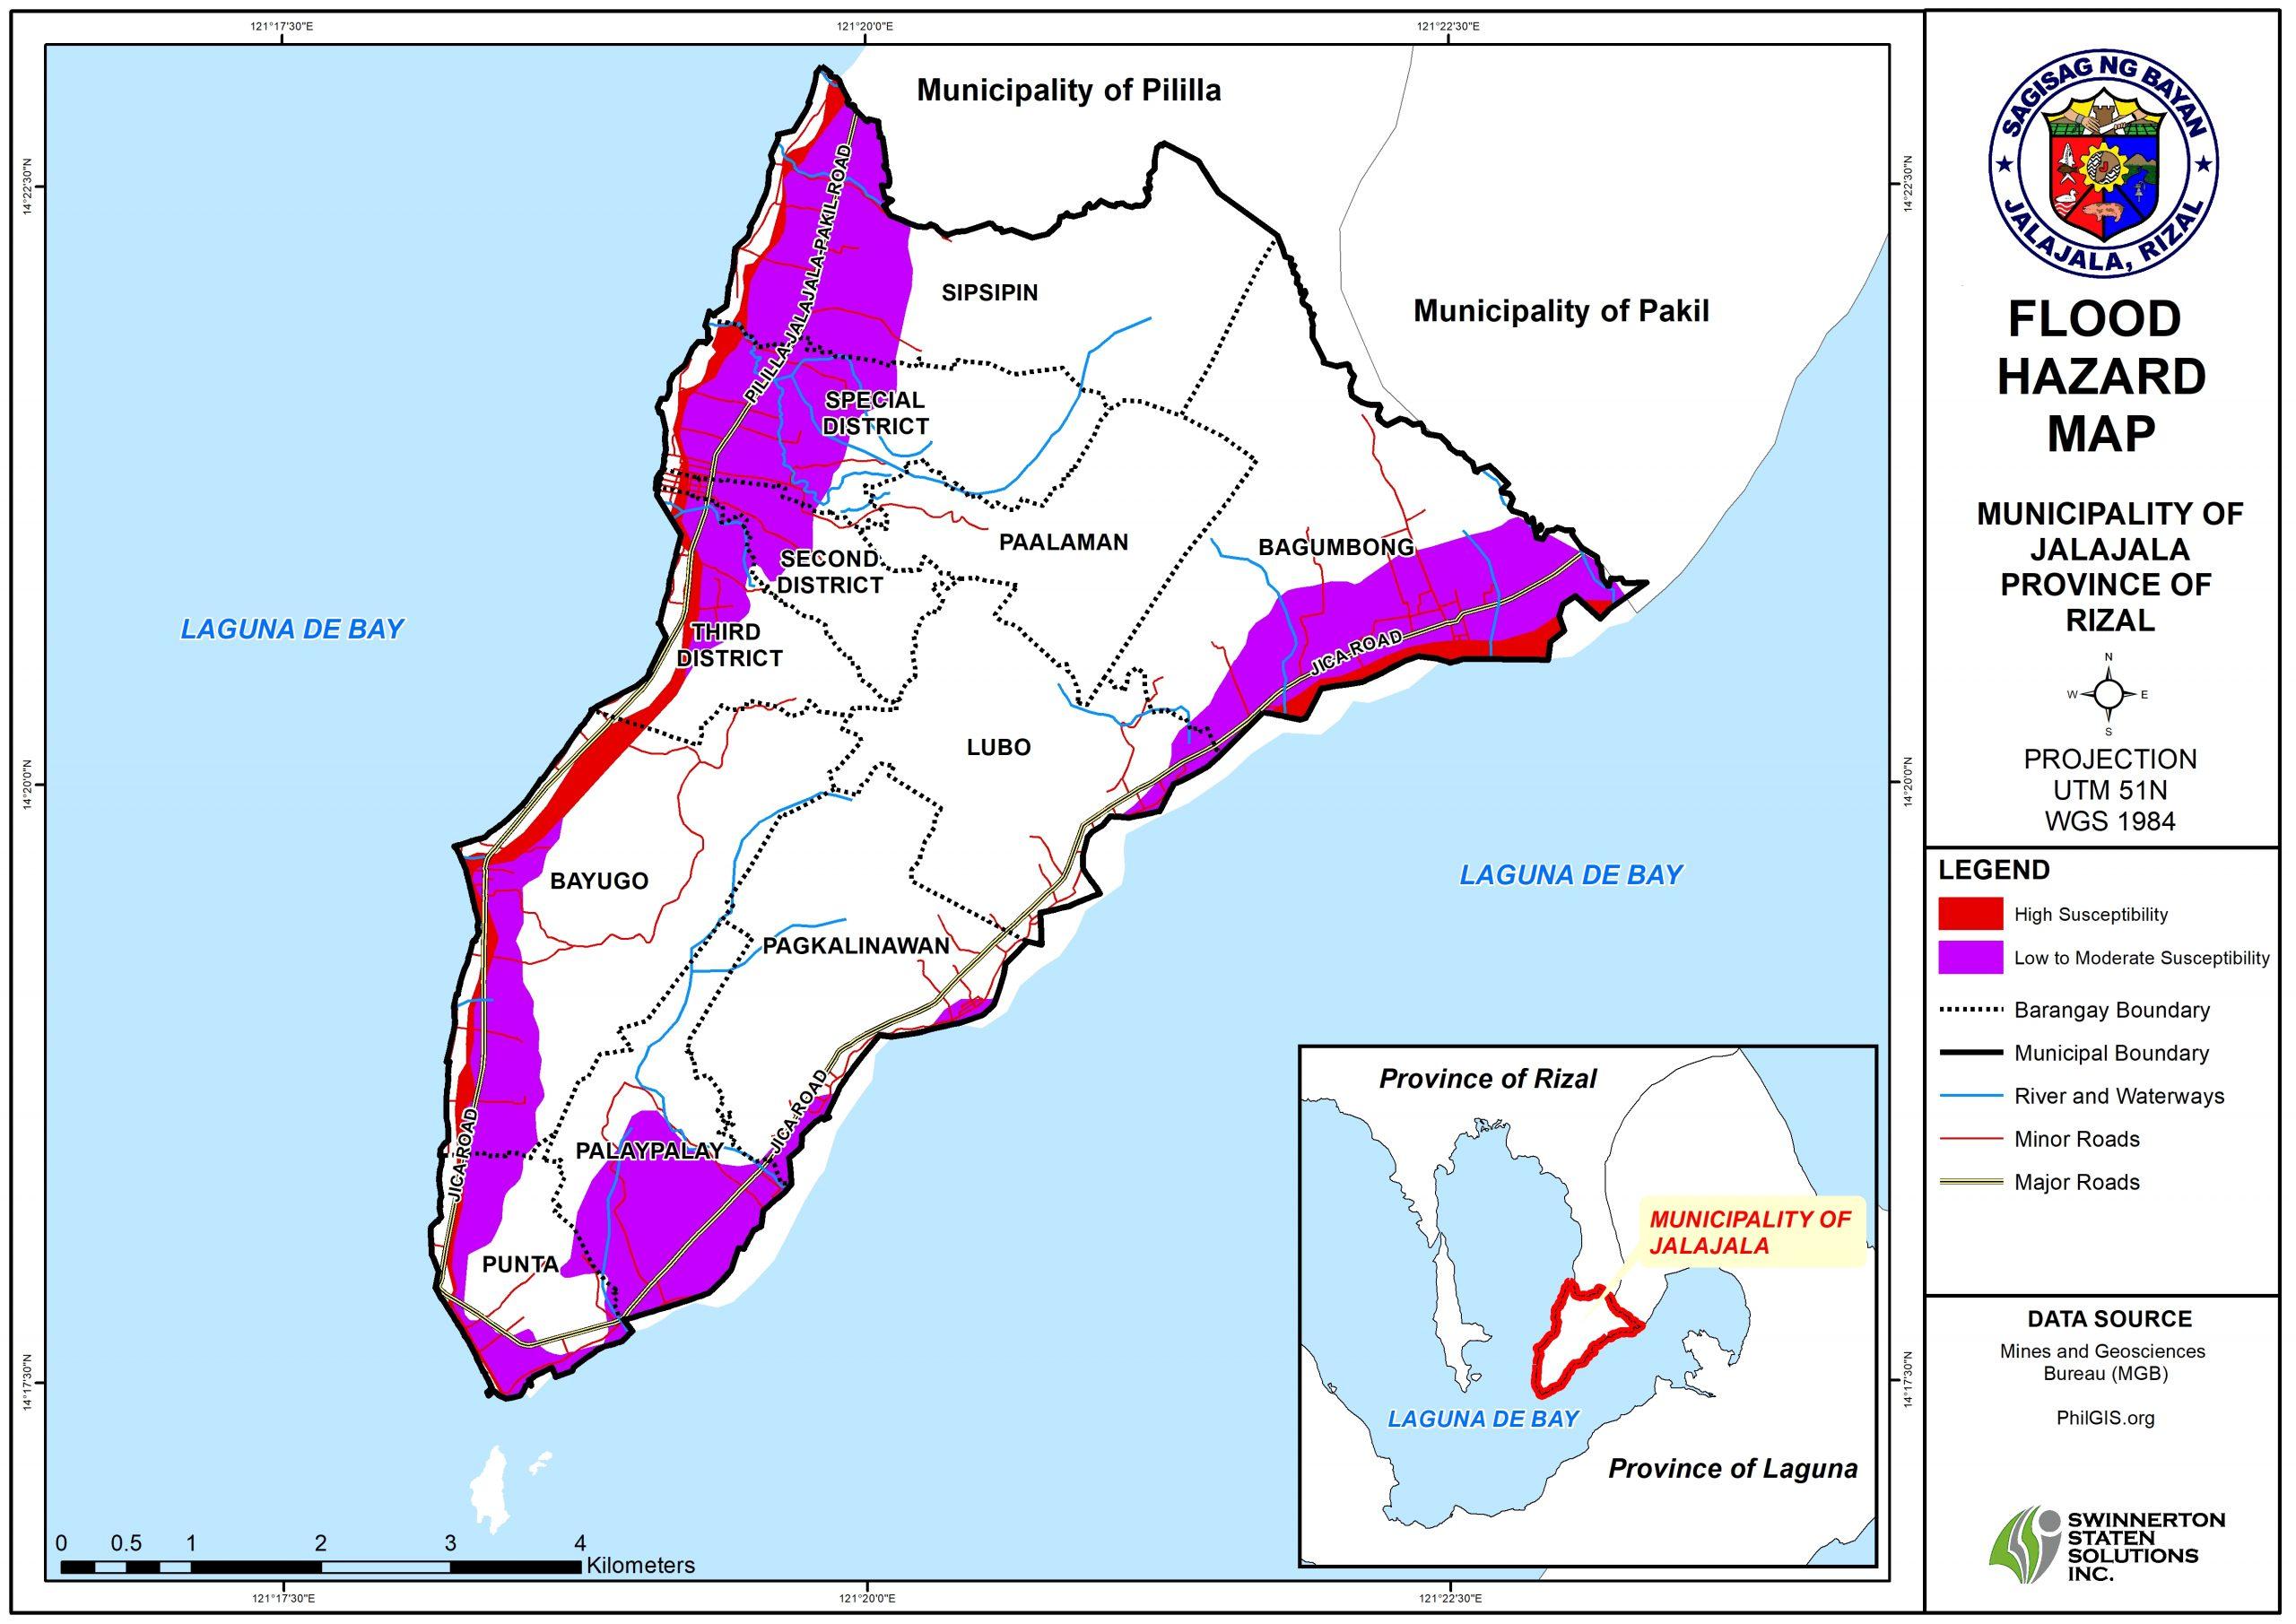 FLOOD HAZARD MAP